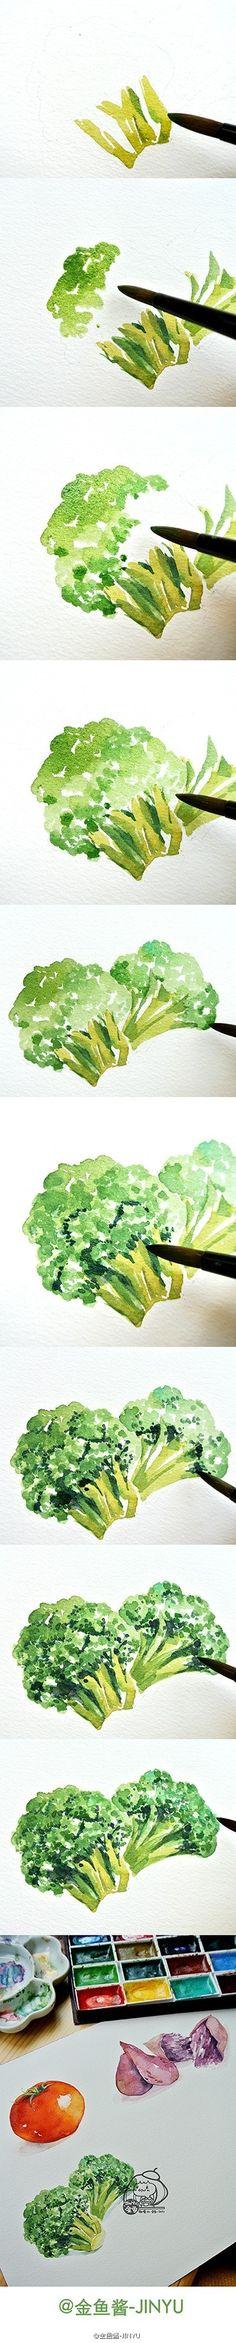 画水彩画的微博_微博